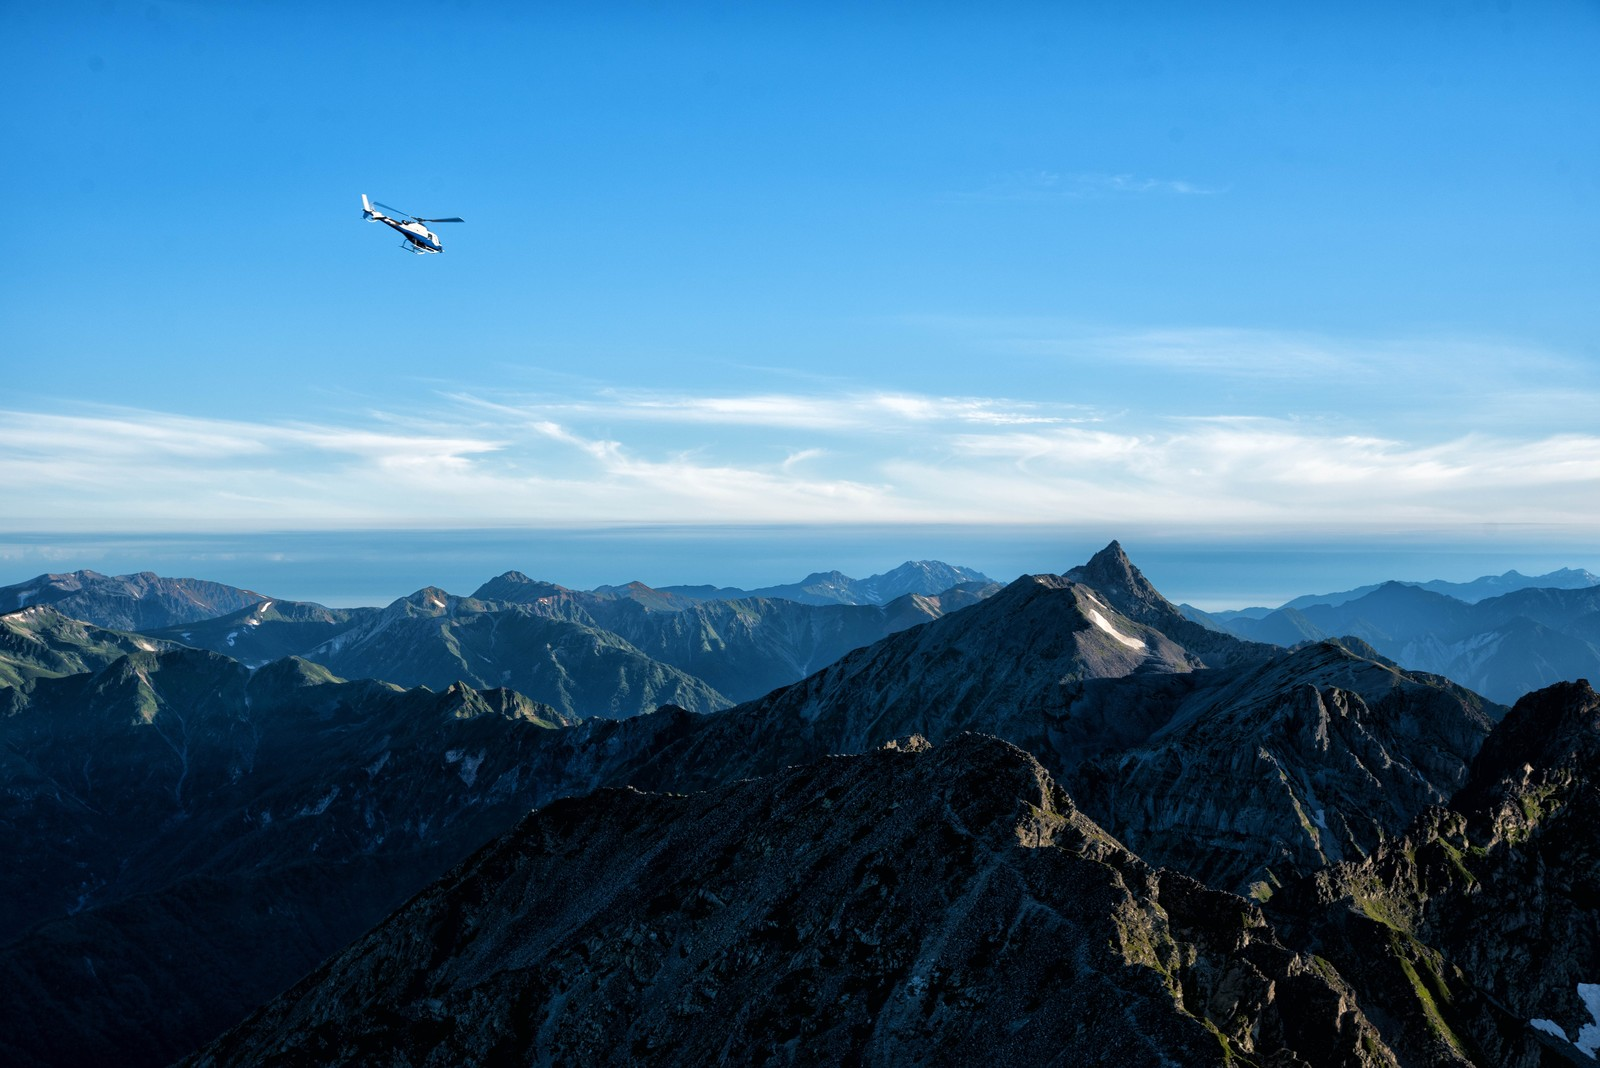 「登山道から望む北アルプスとヘリコプター | 写真の無料素材・フリー素材 - ぱくたそ」の写真